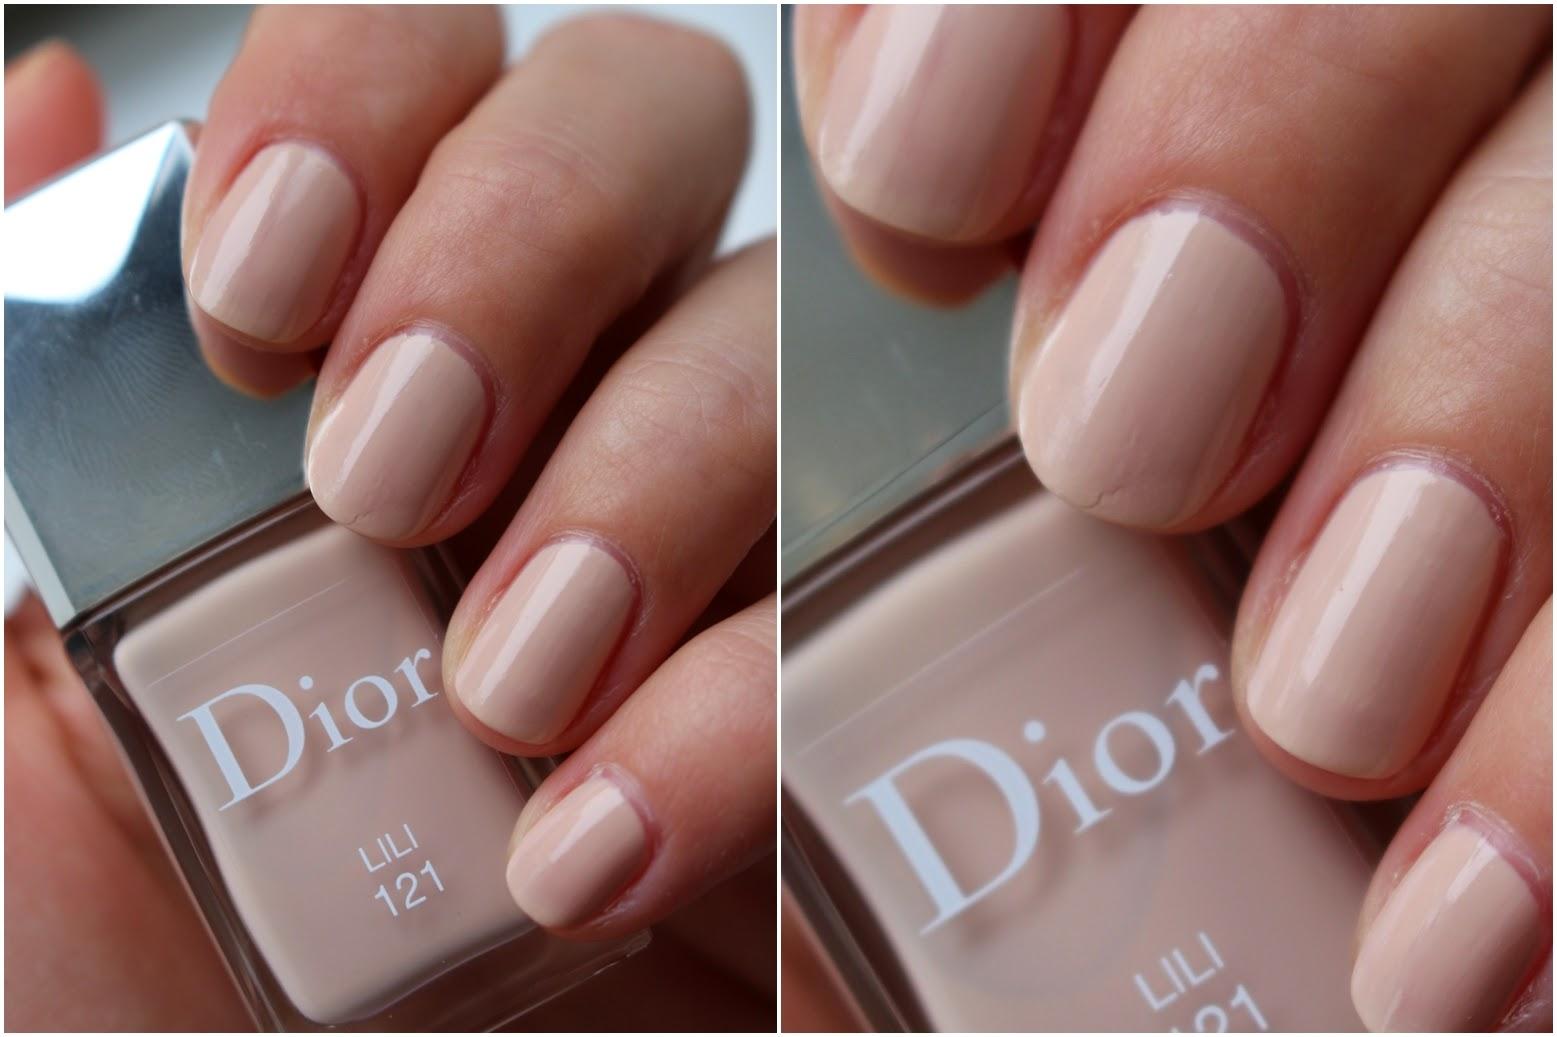 Dior Vernis 121 Lili